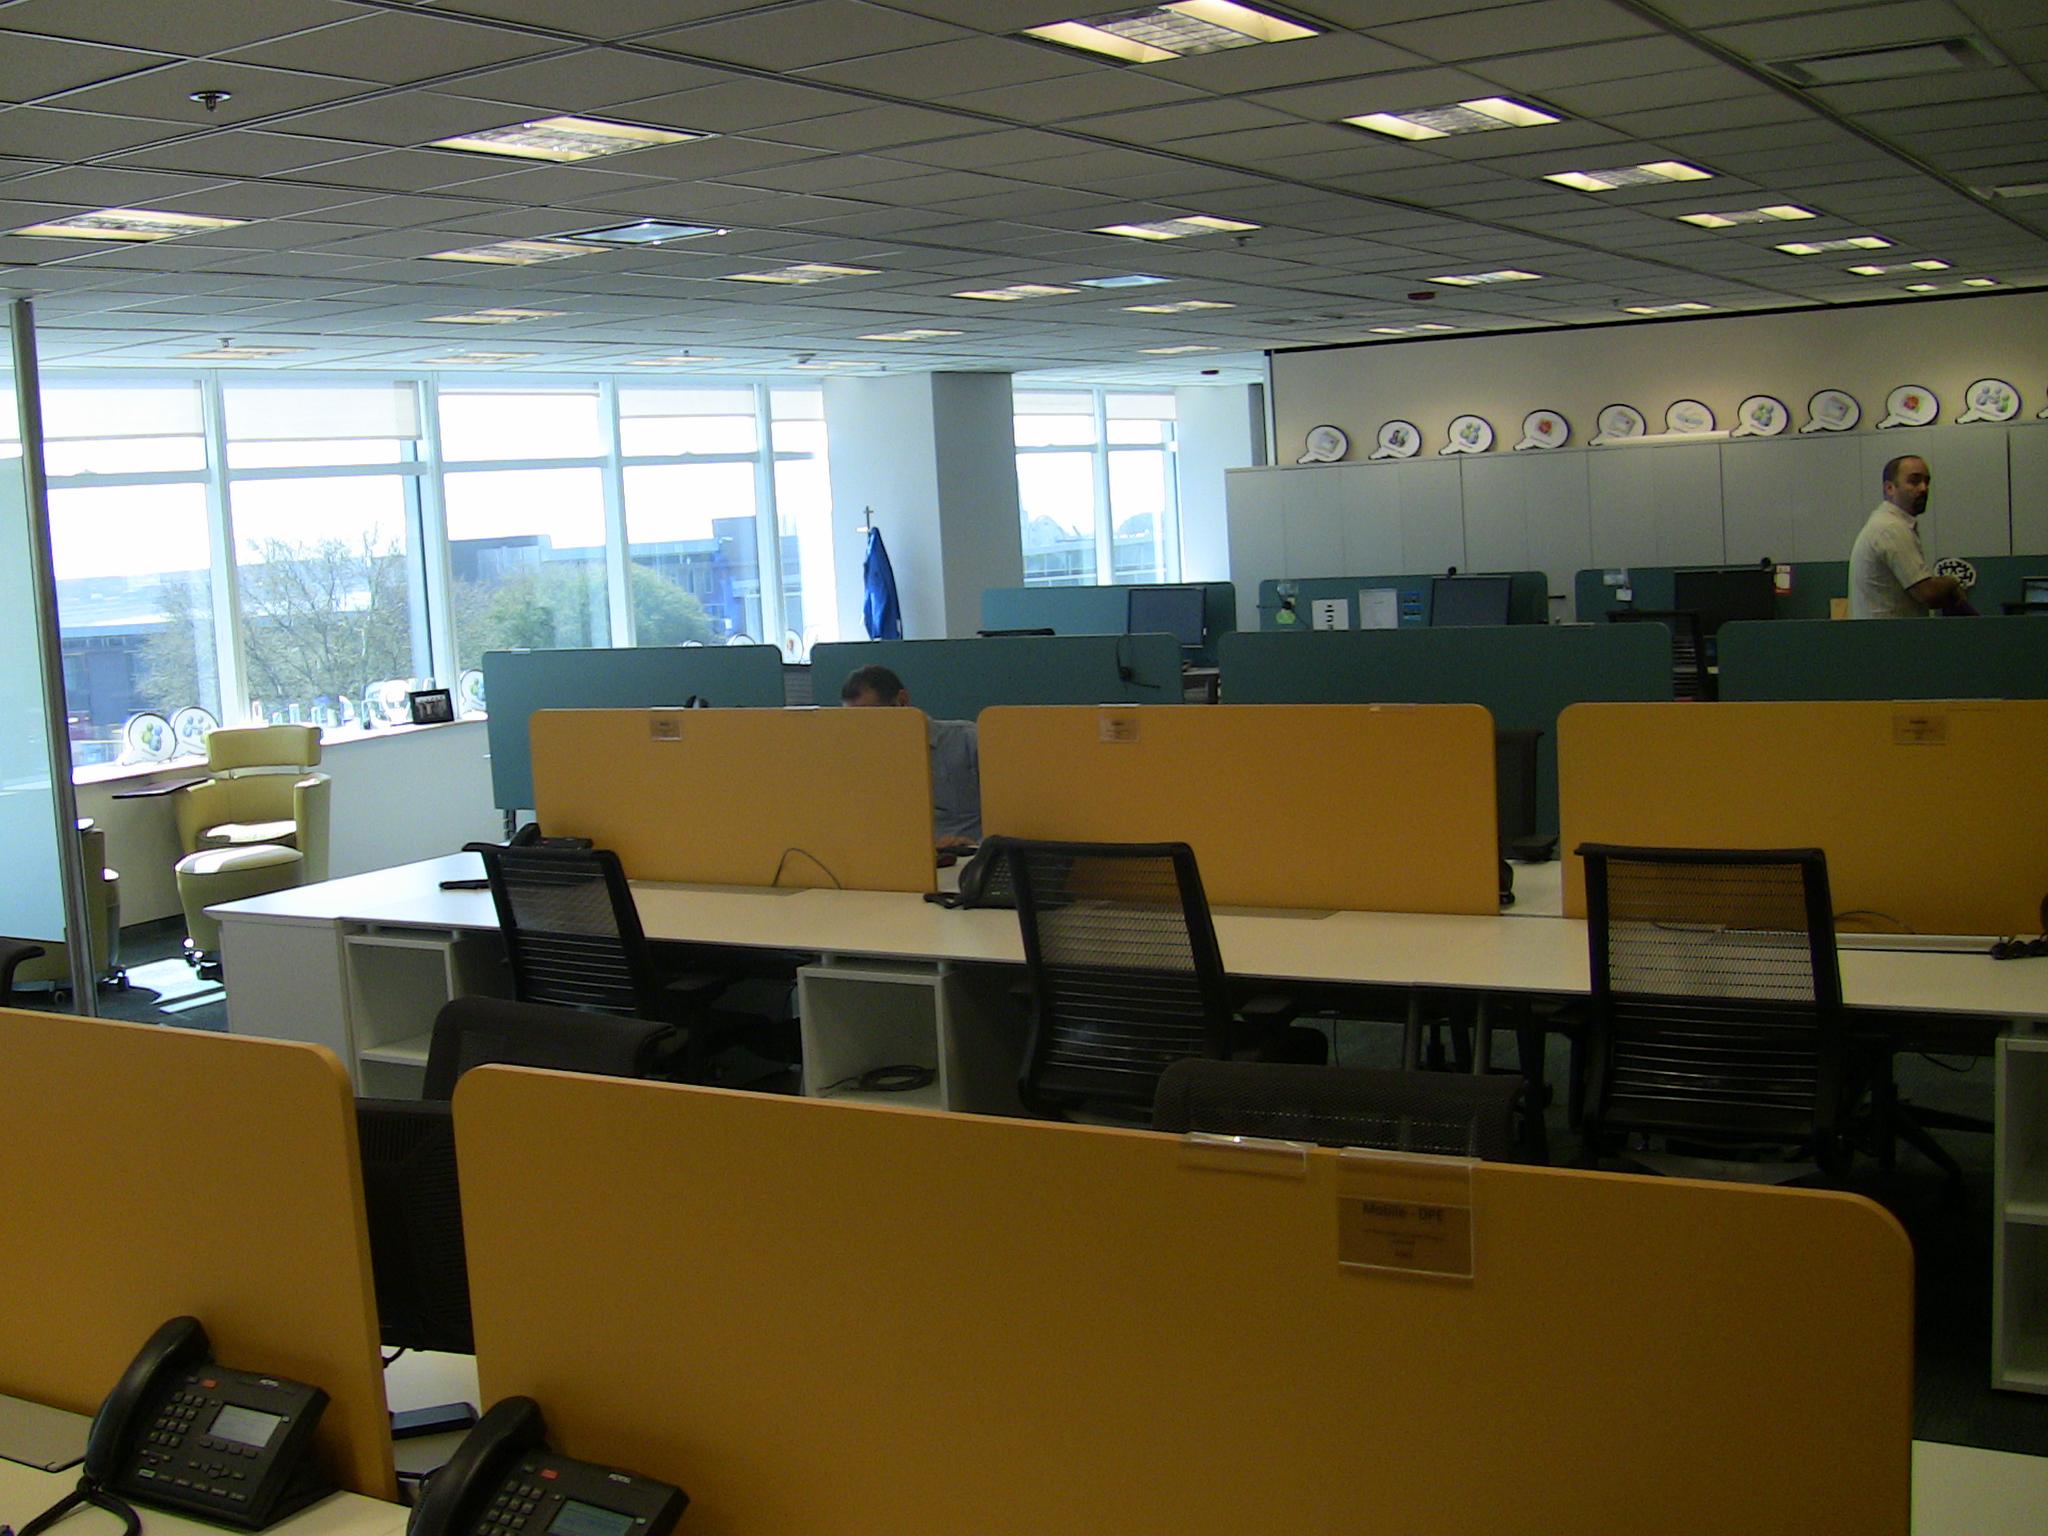 Recorrido fotogr fico por las nuevas oficinas de microsoft for Oficinas de microsoft